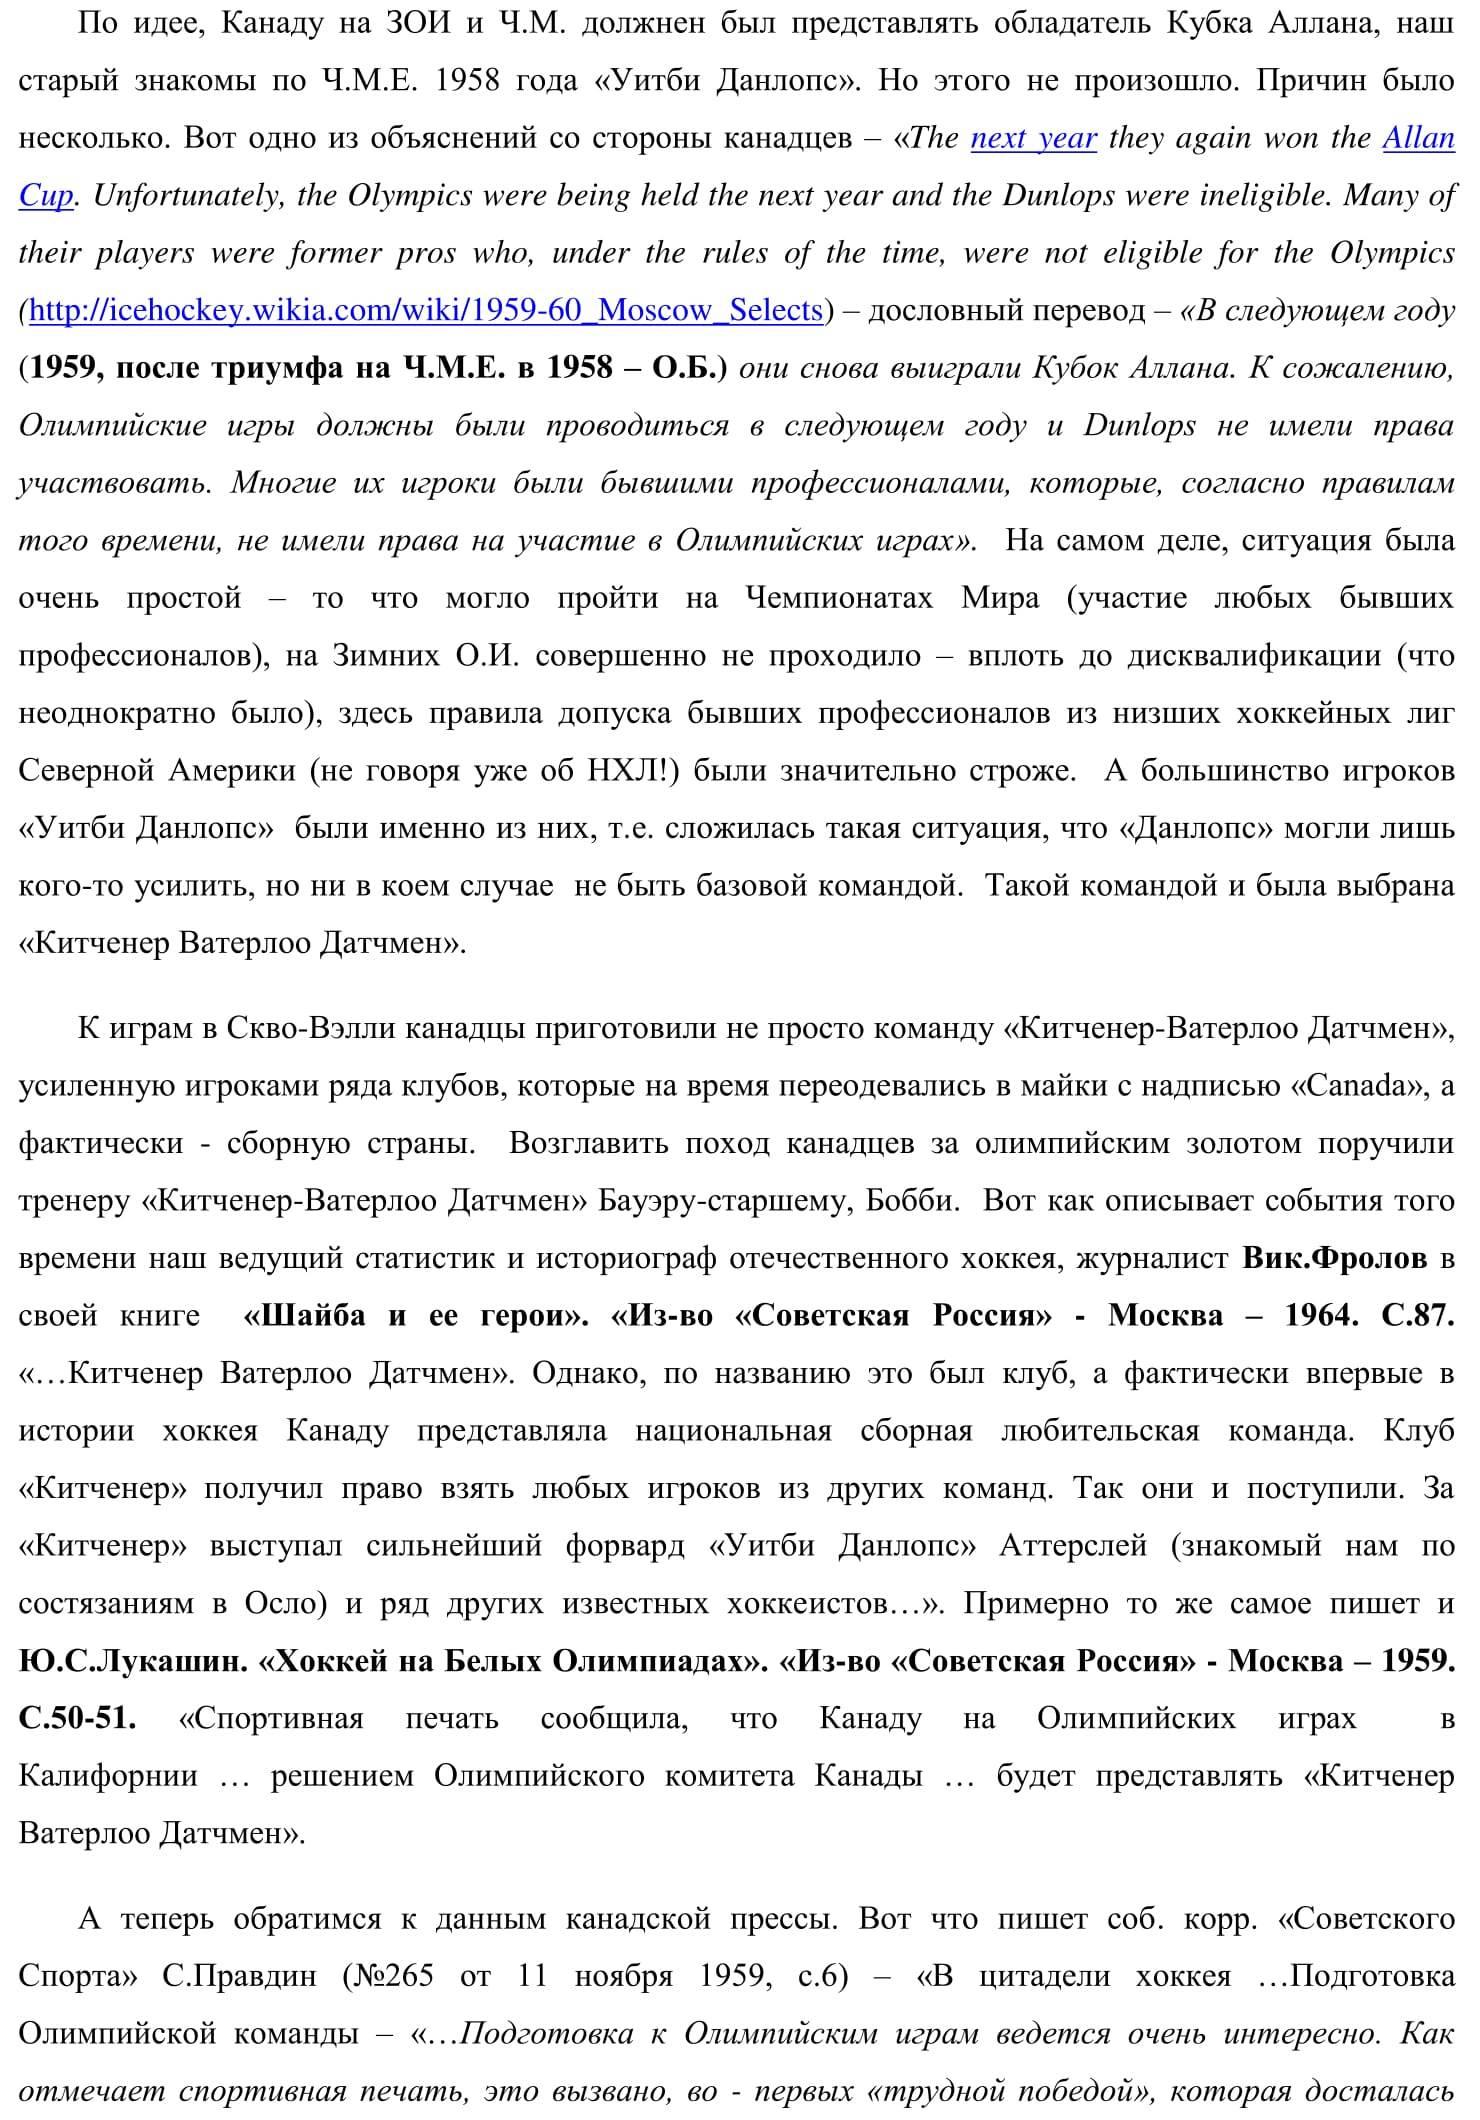 1959-03.jpg